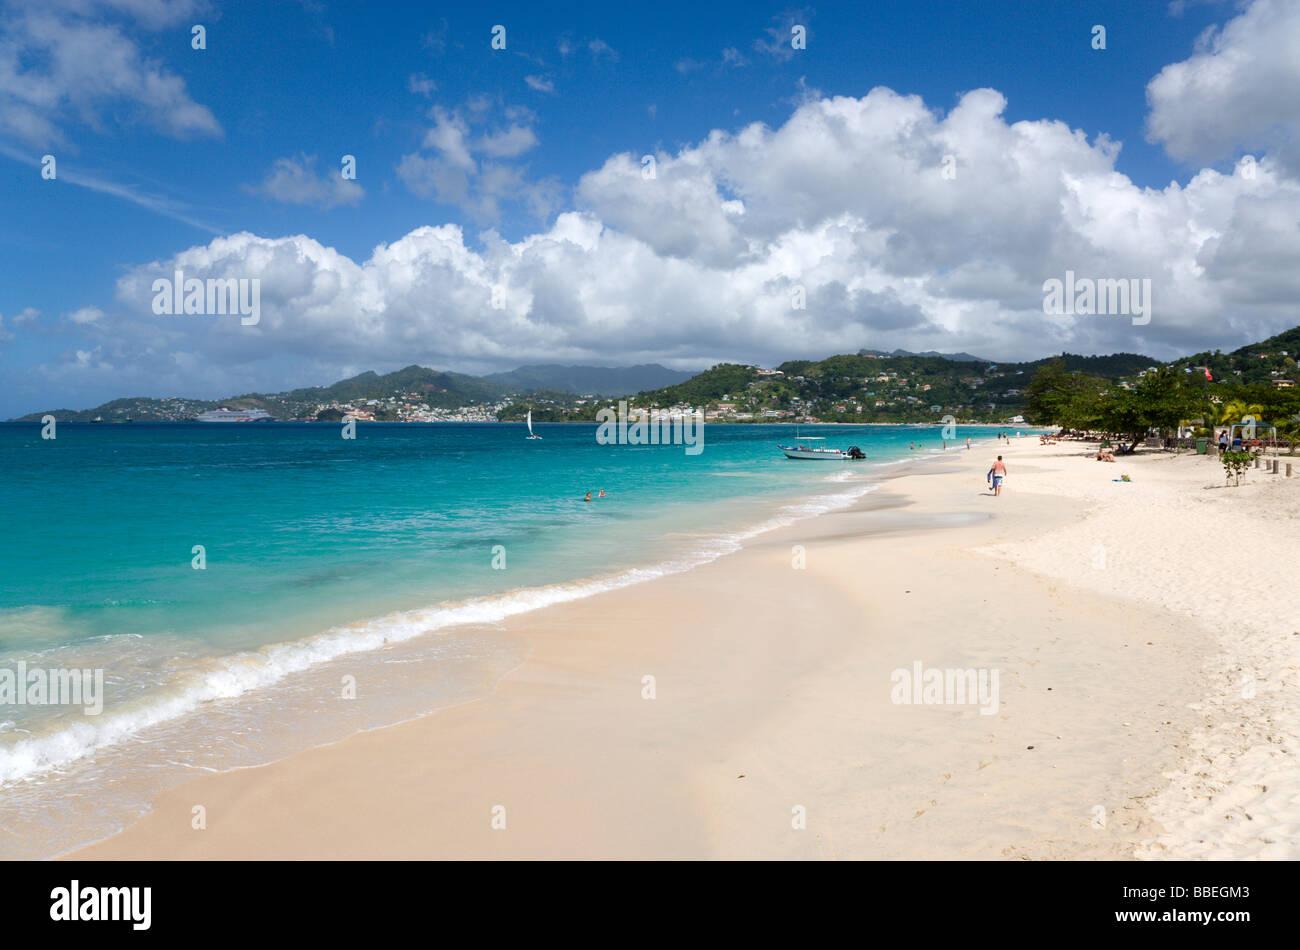 WEST INDIES Grenada Karibik St George Grand Anse Strand Wellen von türkisblauem Meer brechen auf zwei Meilen Stockbild